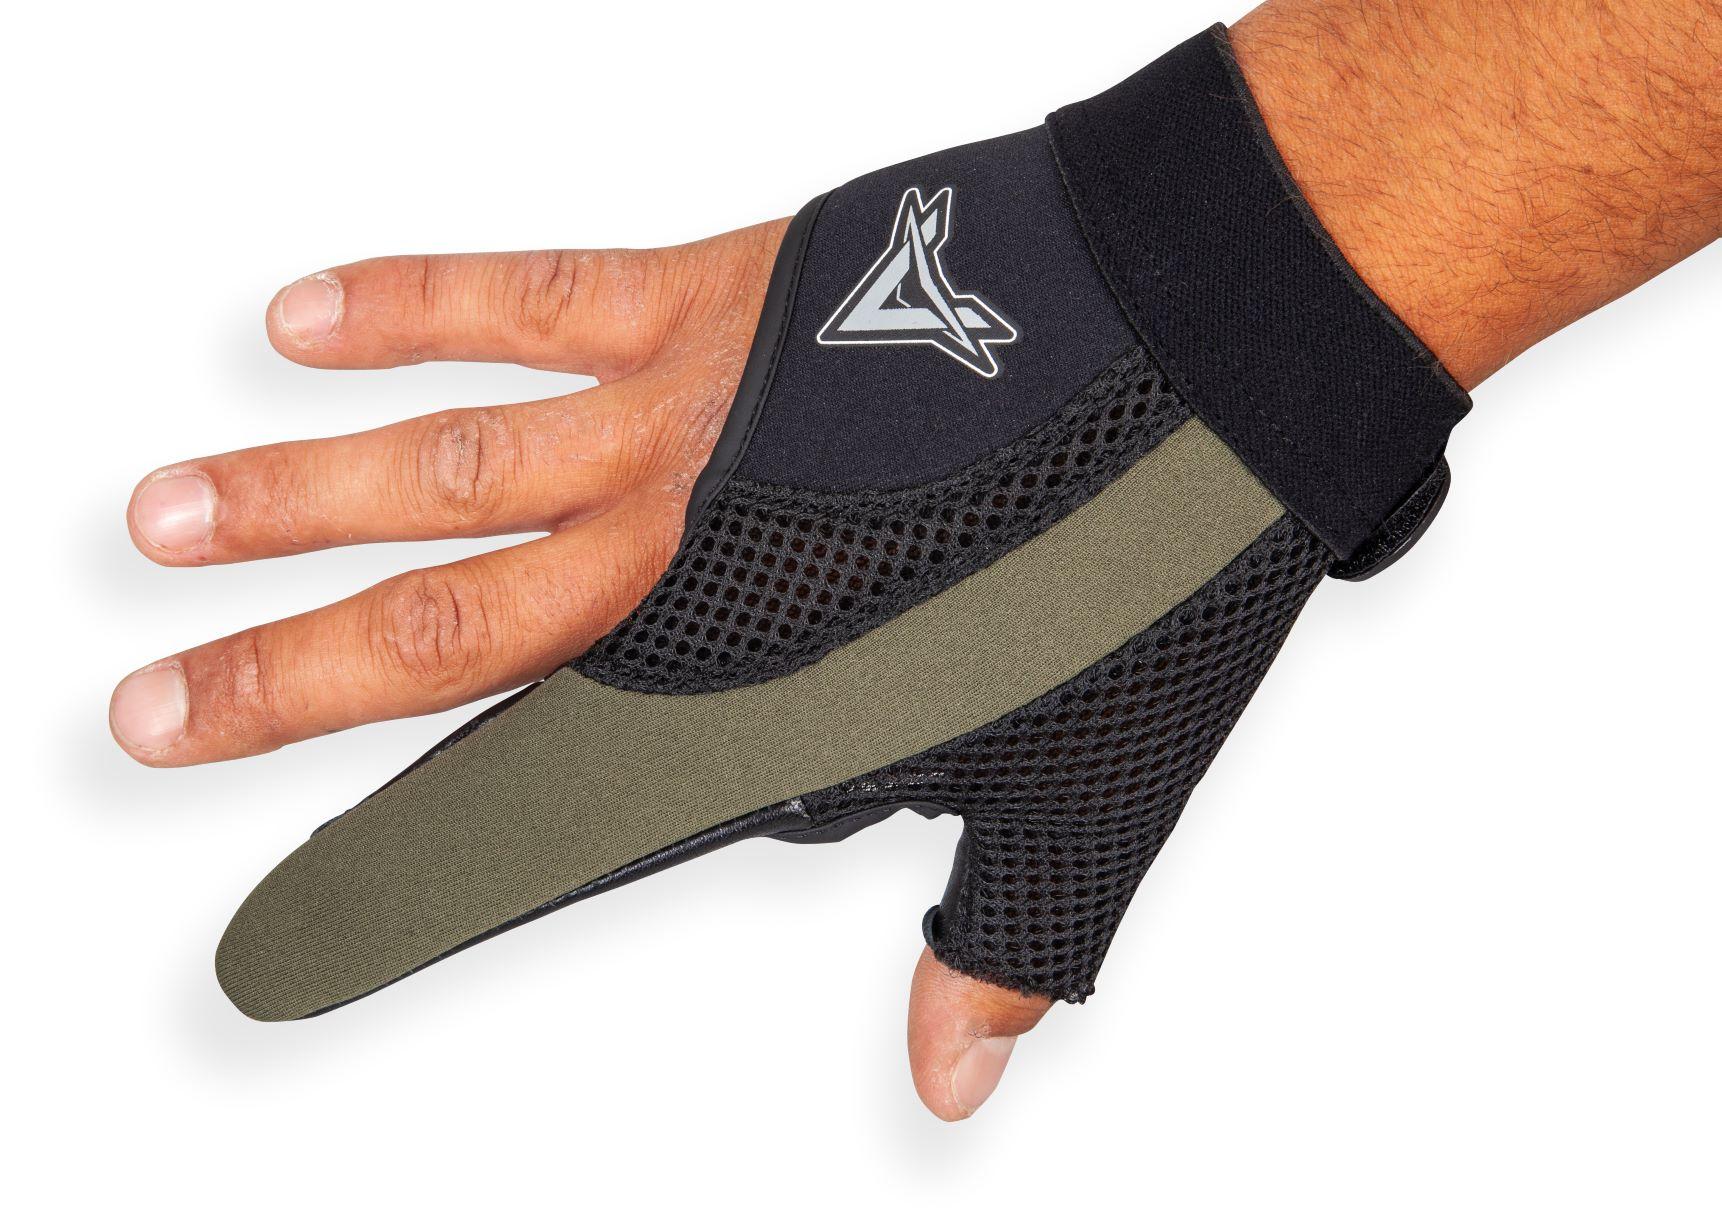 Anaconda rukavice Profi Casting Glove, pravá, vel. L